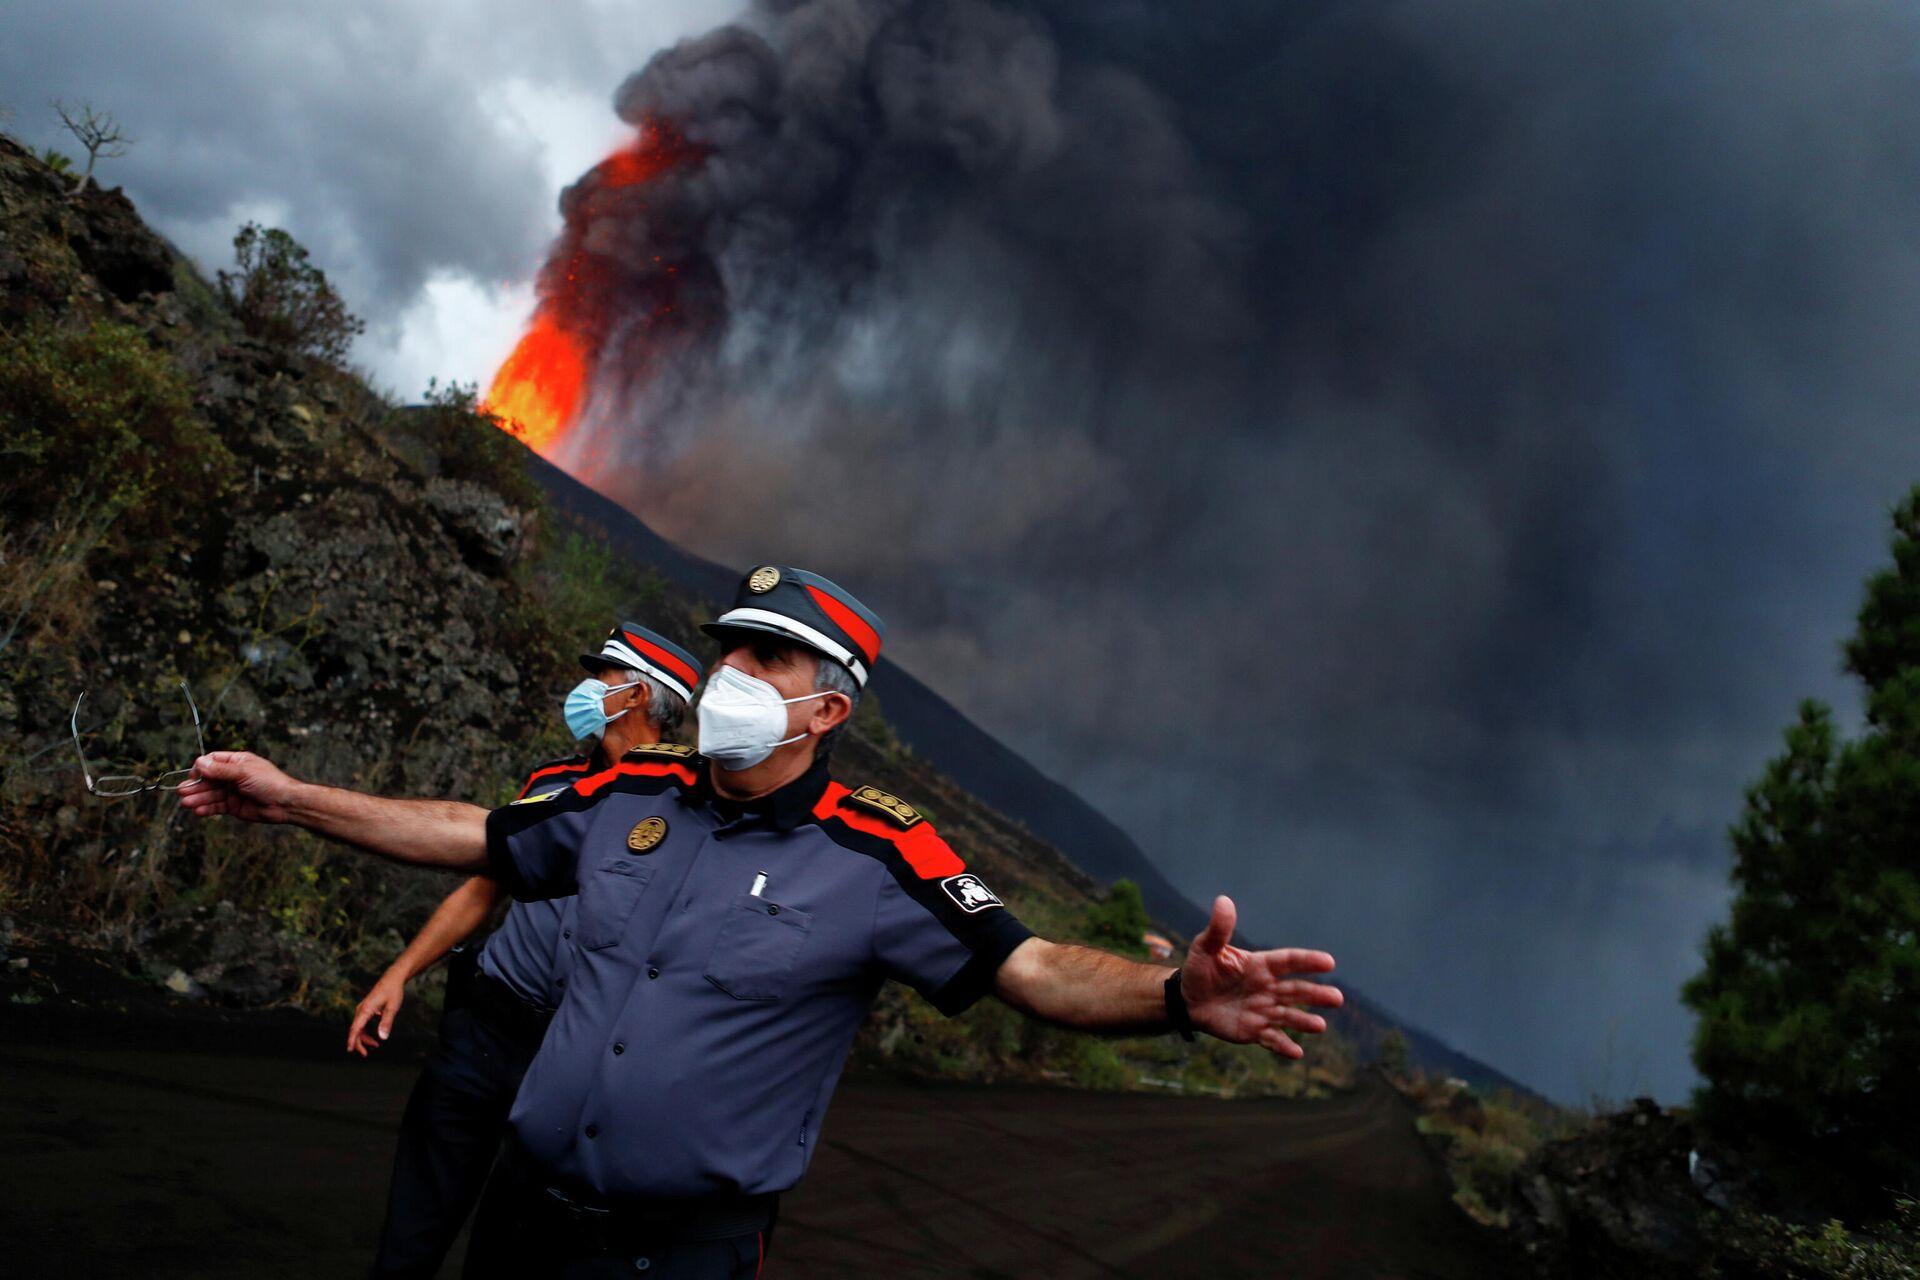 Policajci blokirali put dok se lava diže nakon erupcije vulkana na ostrvu La Palma u Takandeu - Sputnik Srbija, 1920, 24.09.2021